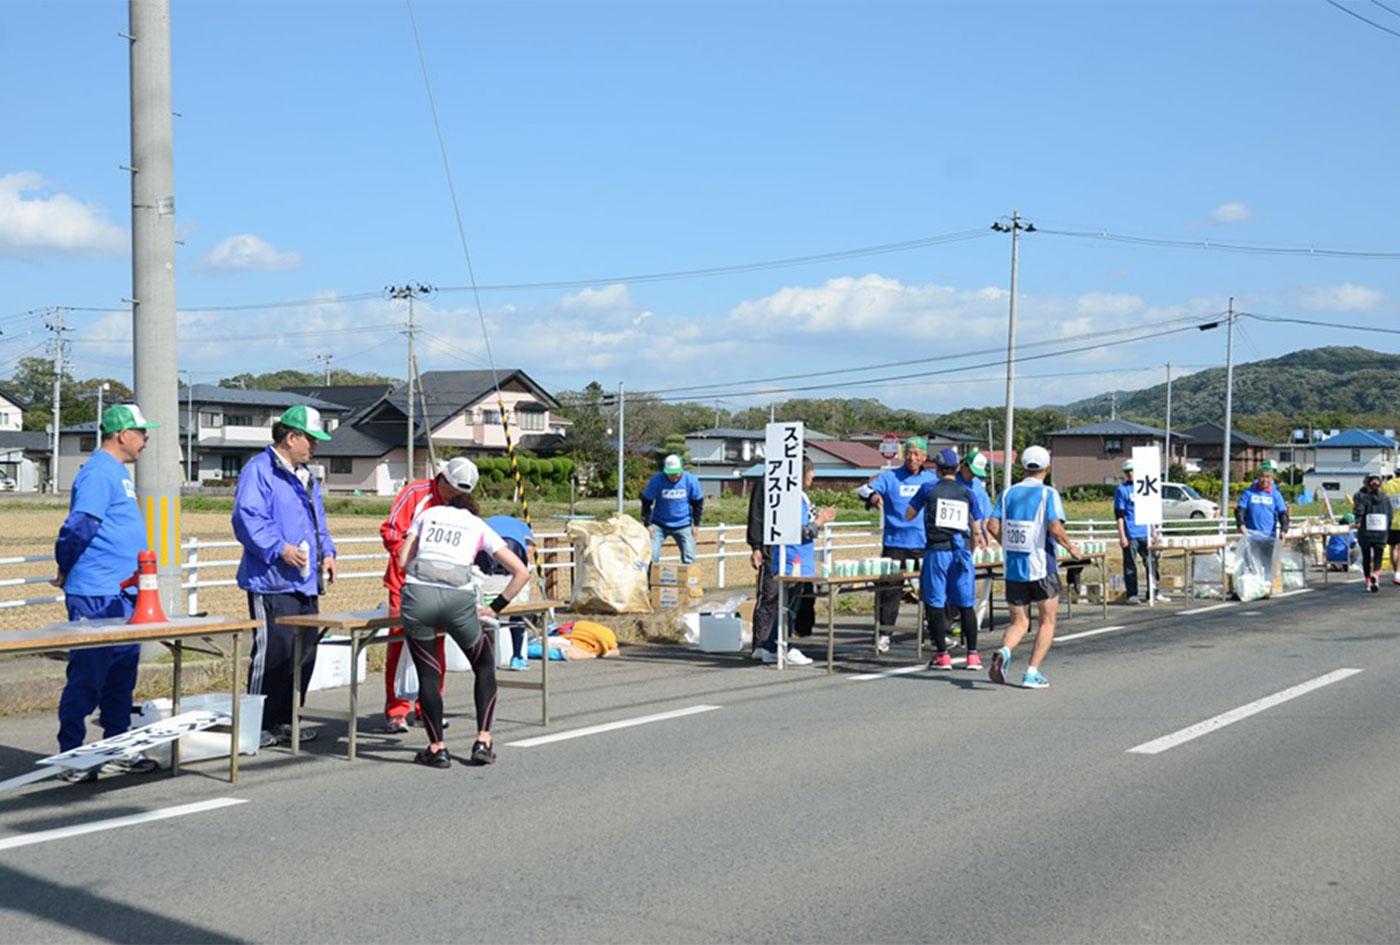 いわて北上マラソン大会 | 岩手県